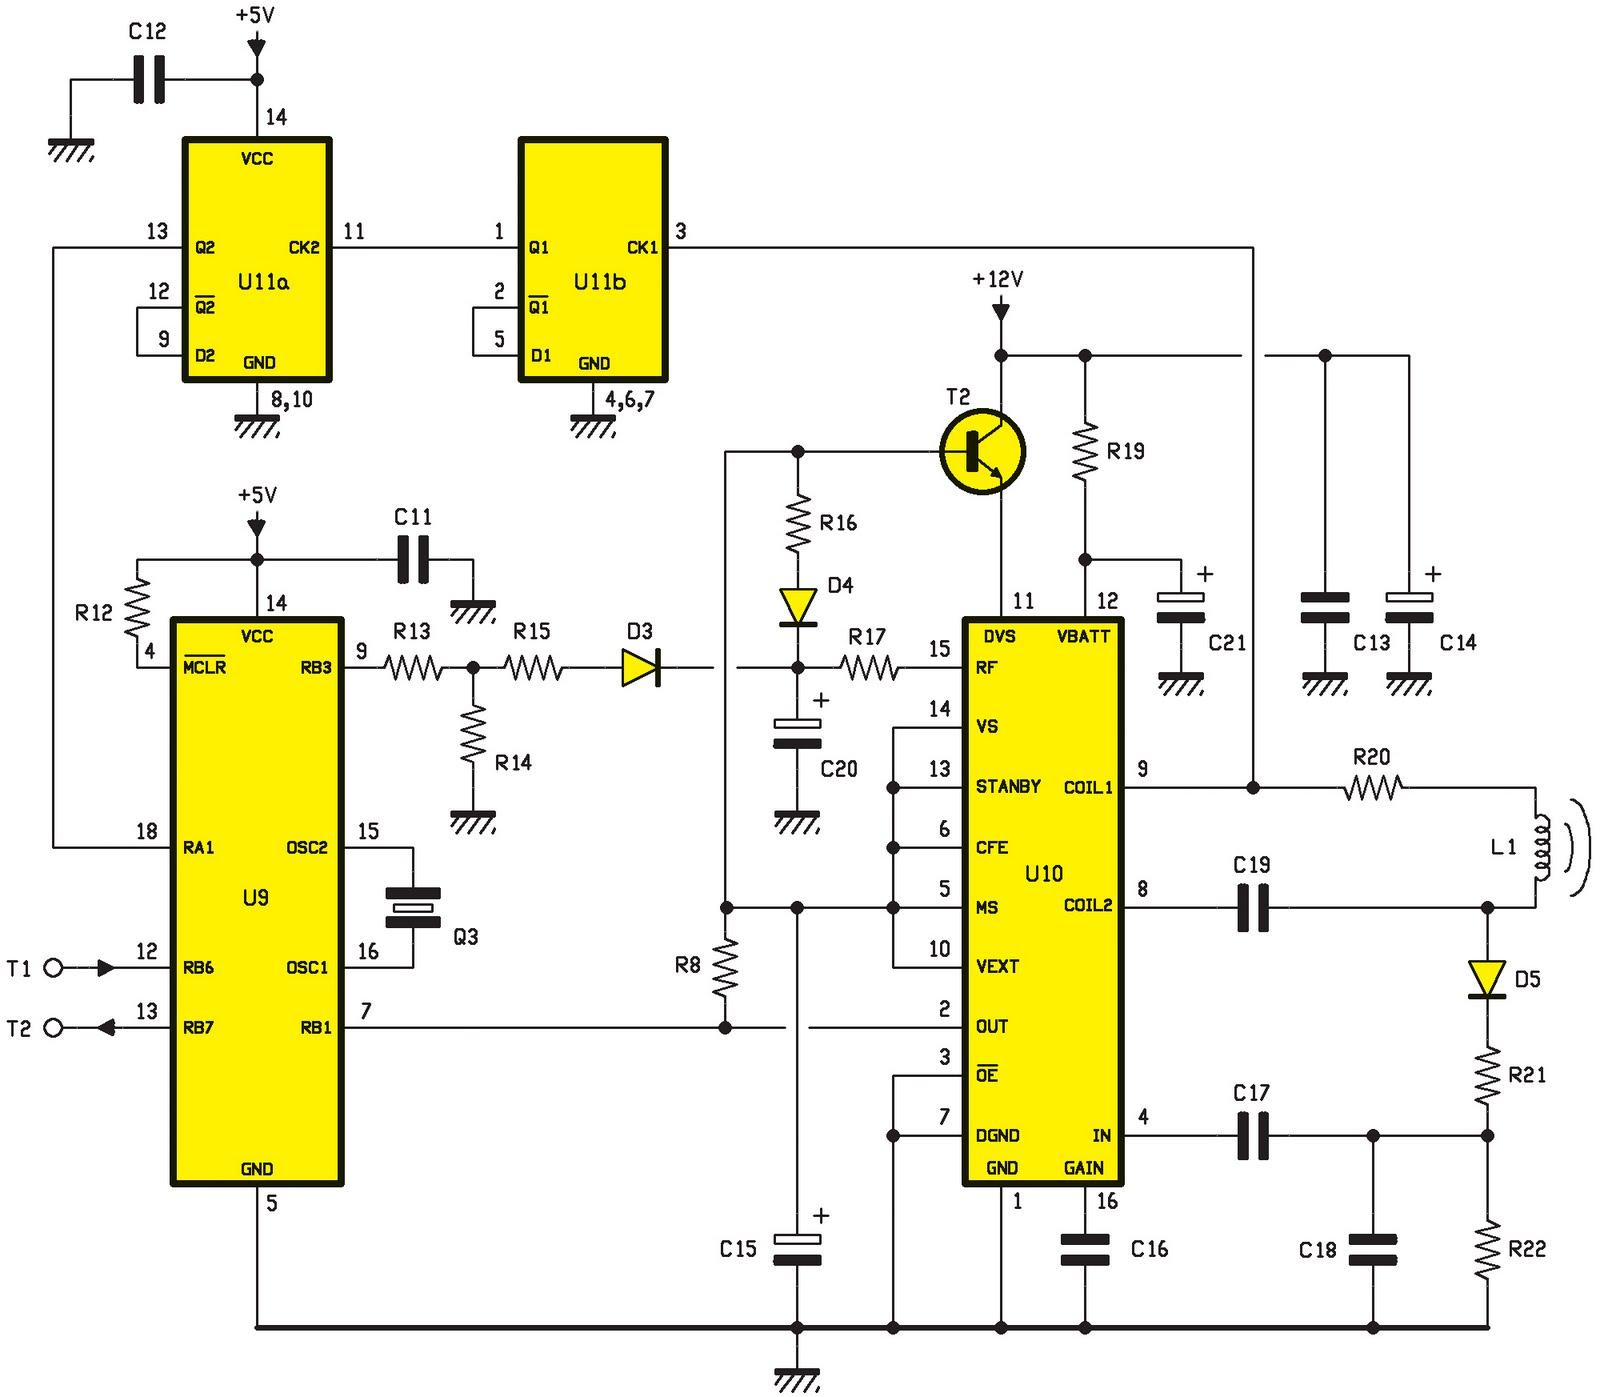 Une pointeuse pour pc avec liaison radio ou filaire for Les portes logiques de base